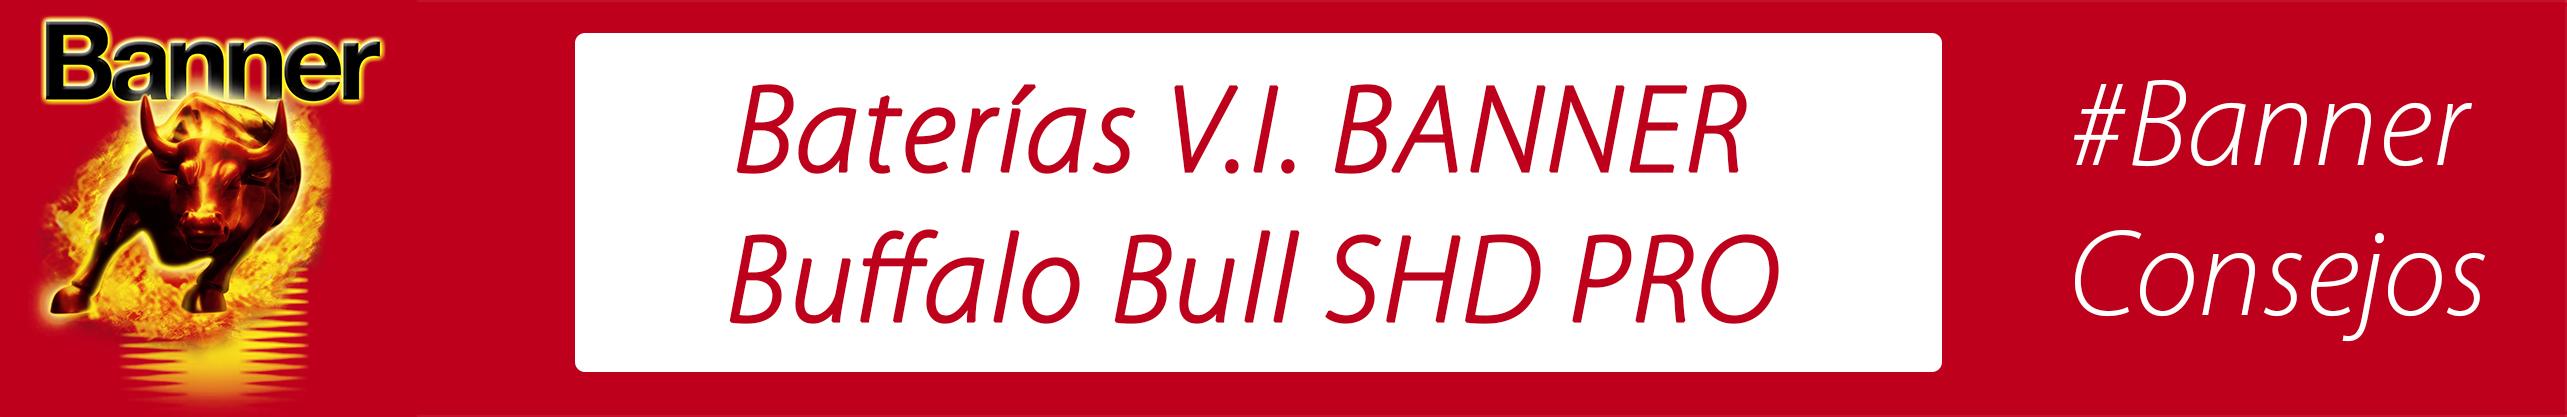 Baterías V.I. BANNER Buffalo Bull SHD PRO